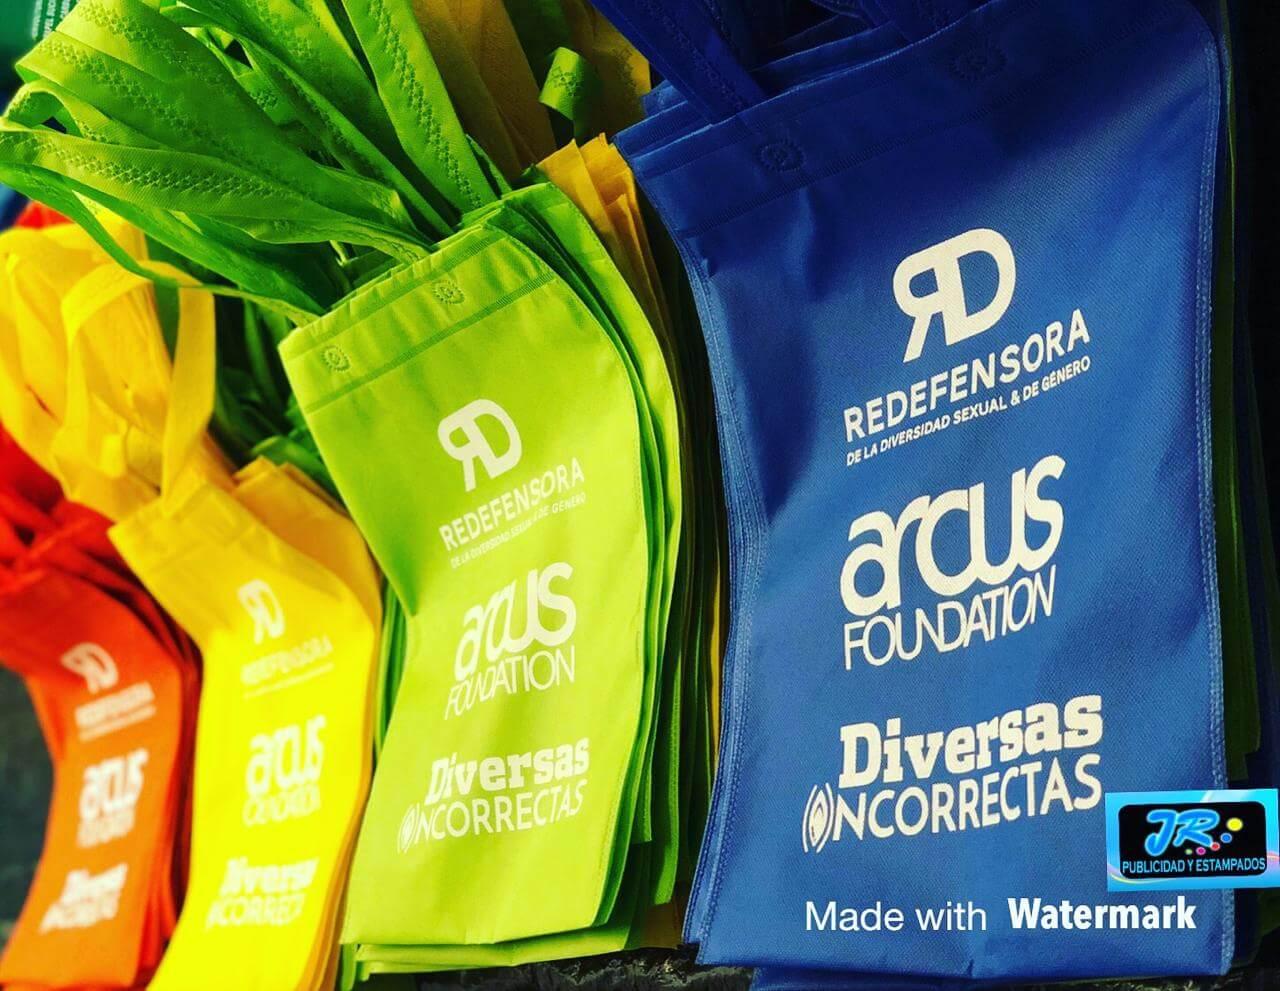 bolsas ecologicas redefensora de la diversidad sexual y de genero